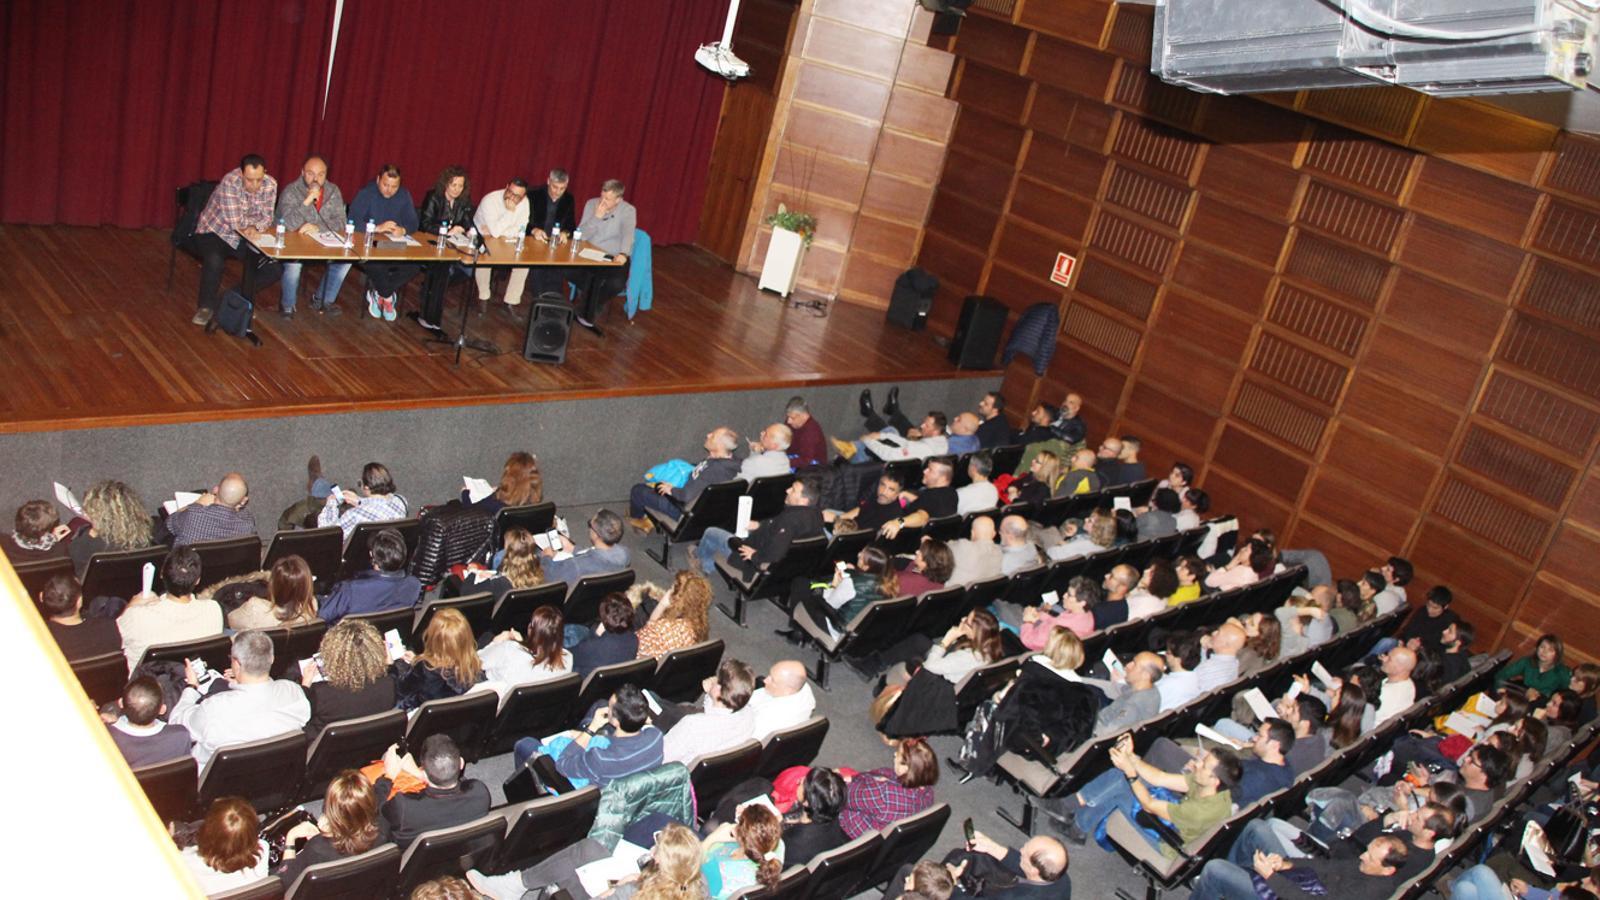 Celebració de l'assemblea del personal de la Funció Pública. / E. J. M. (ANA)